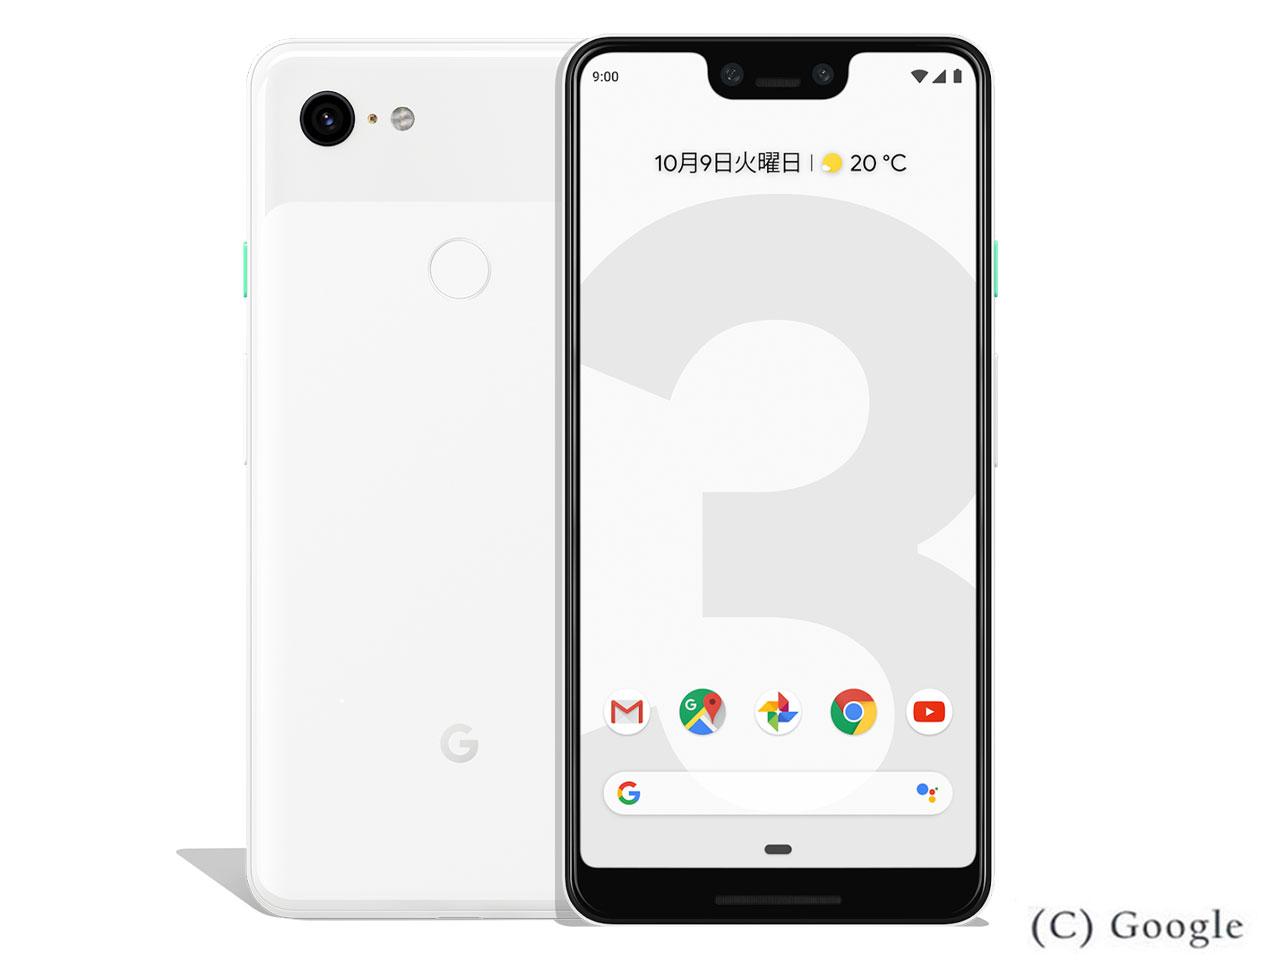 【新品・白ロム・本体】SIMロック解除済 ドコモ Google PIXEL3XL クリアリー ホワイト 128GB Pixel 3 XL スマートフォン DOCOMO google pixe3xl ホワイト PIXEL3XL 128GB 携帯電話 WHITE